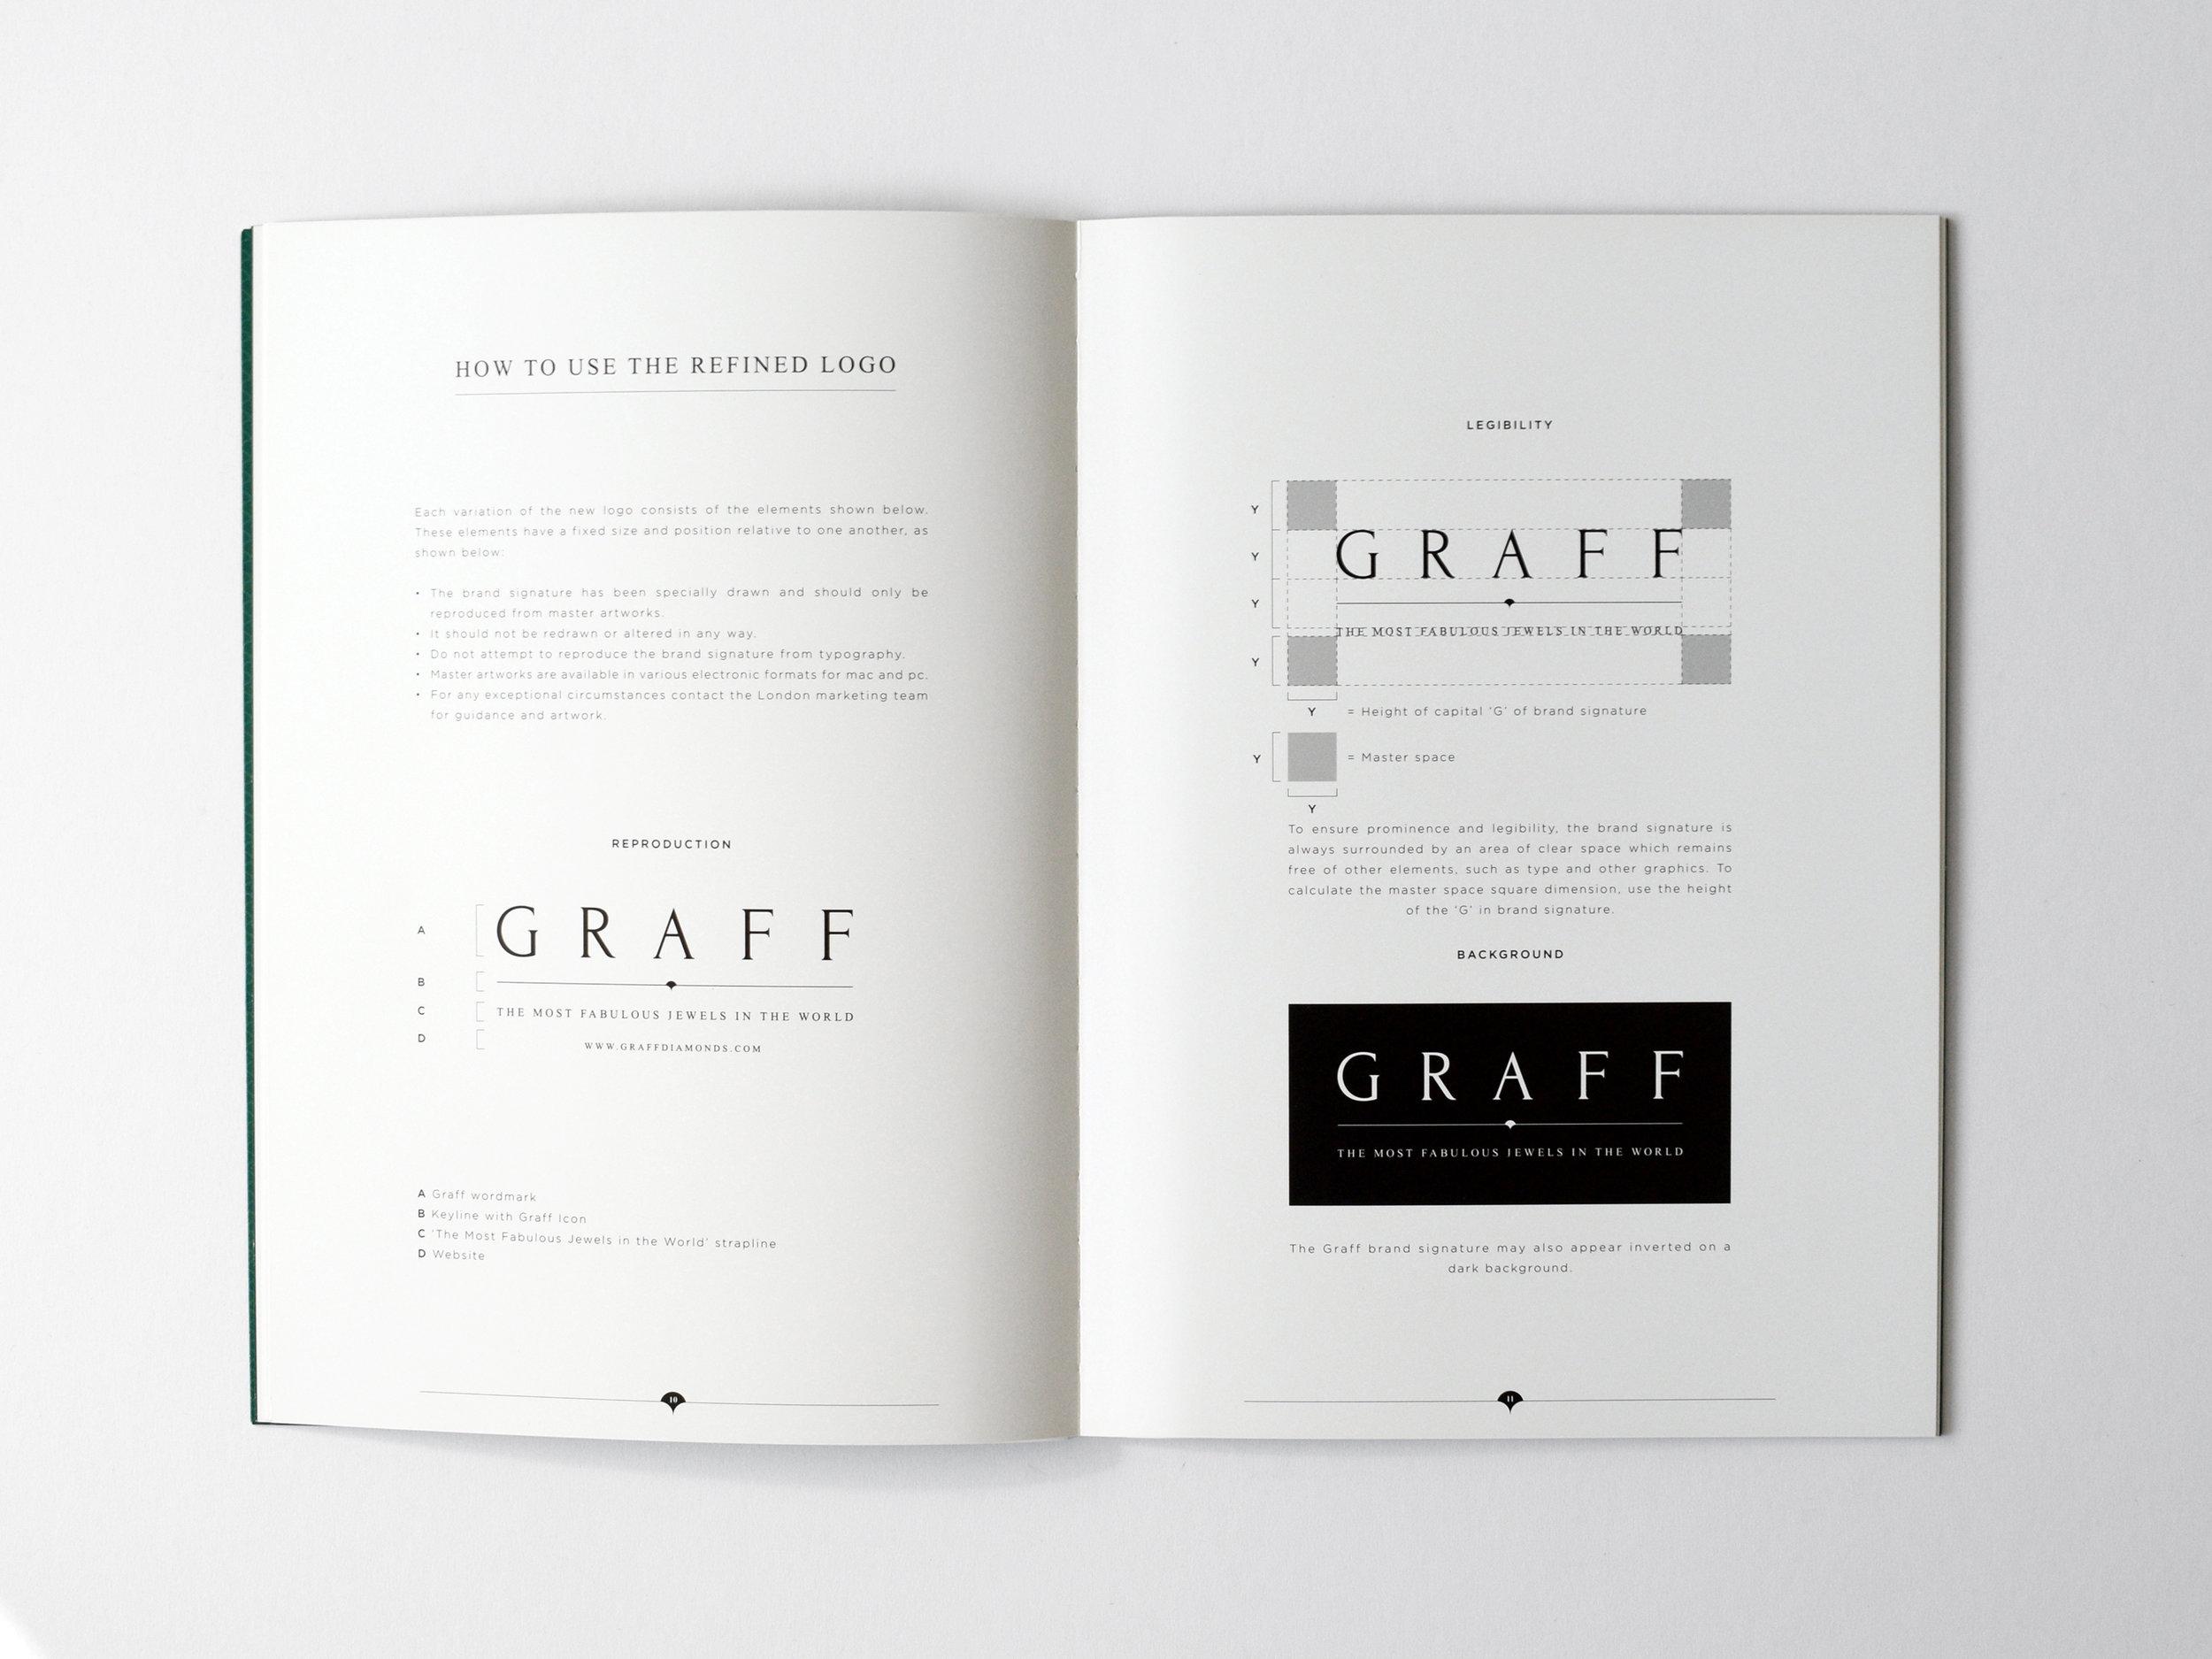 Graff_05.jpg